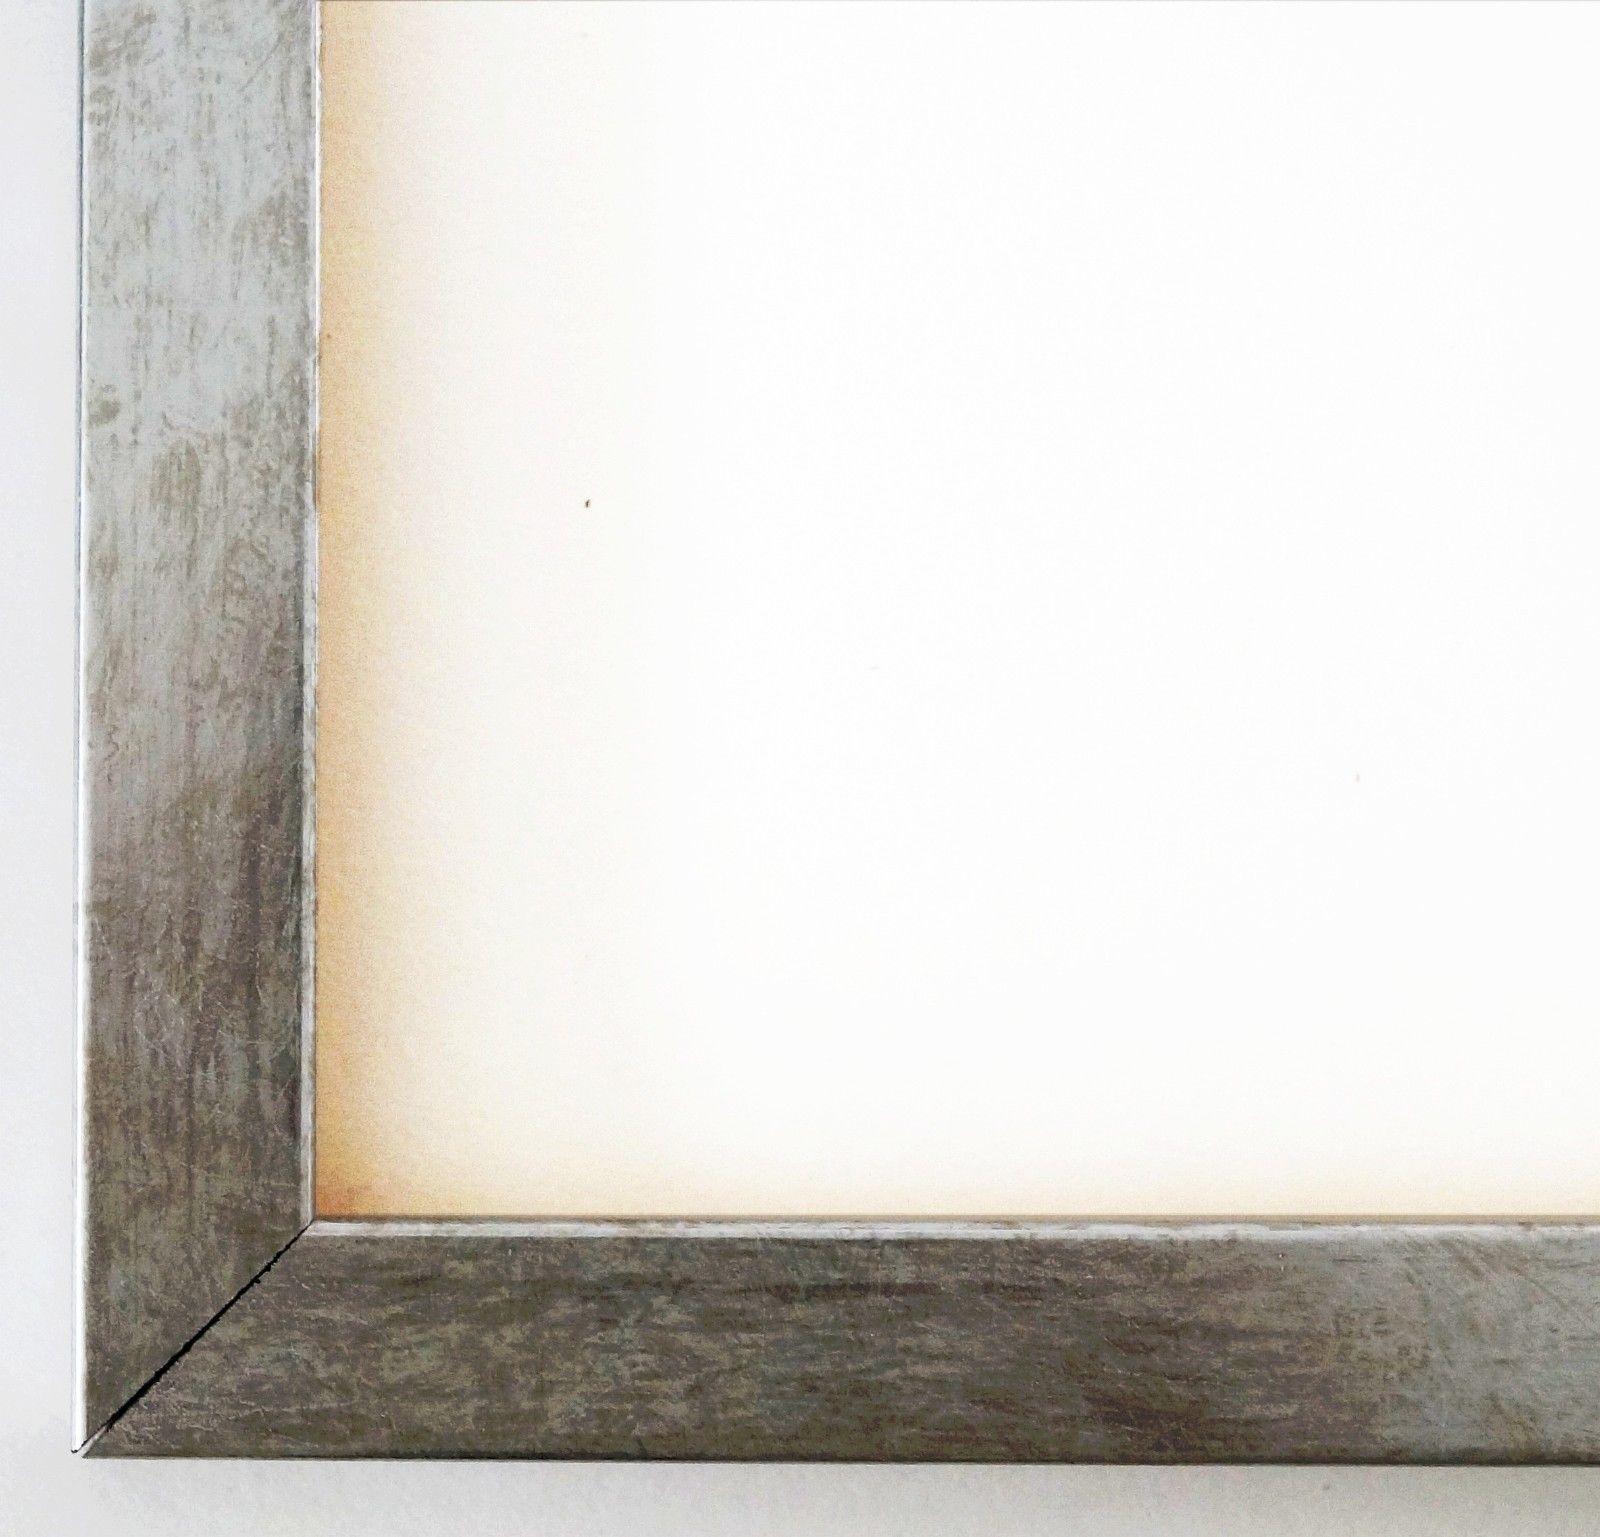 Bilderrahmen Silber Modern Shabby Rahmen Holz Paderborn 2, 1 - alle ...